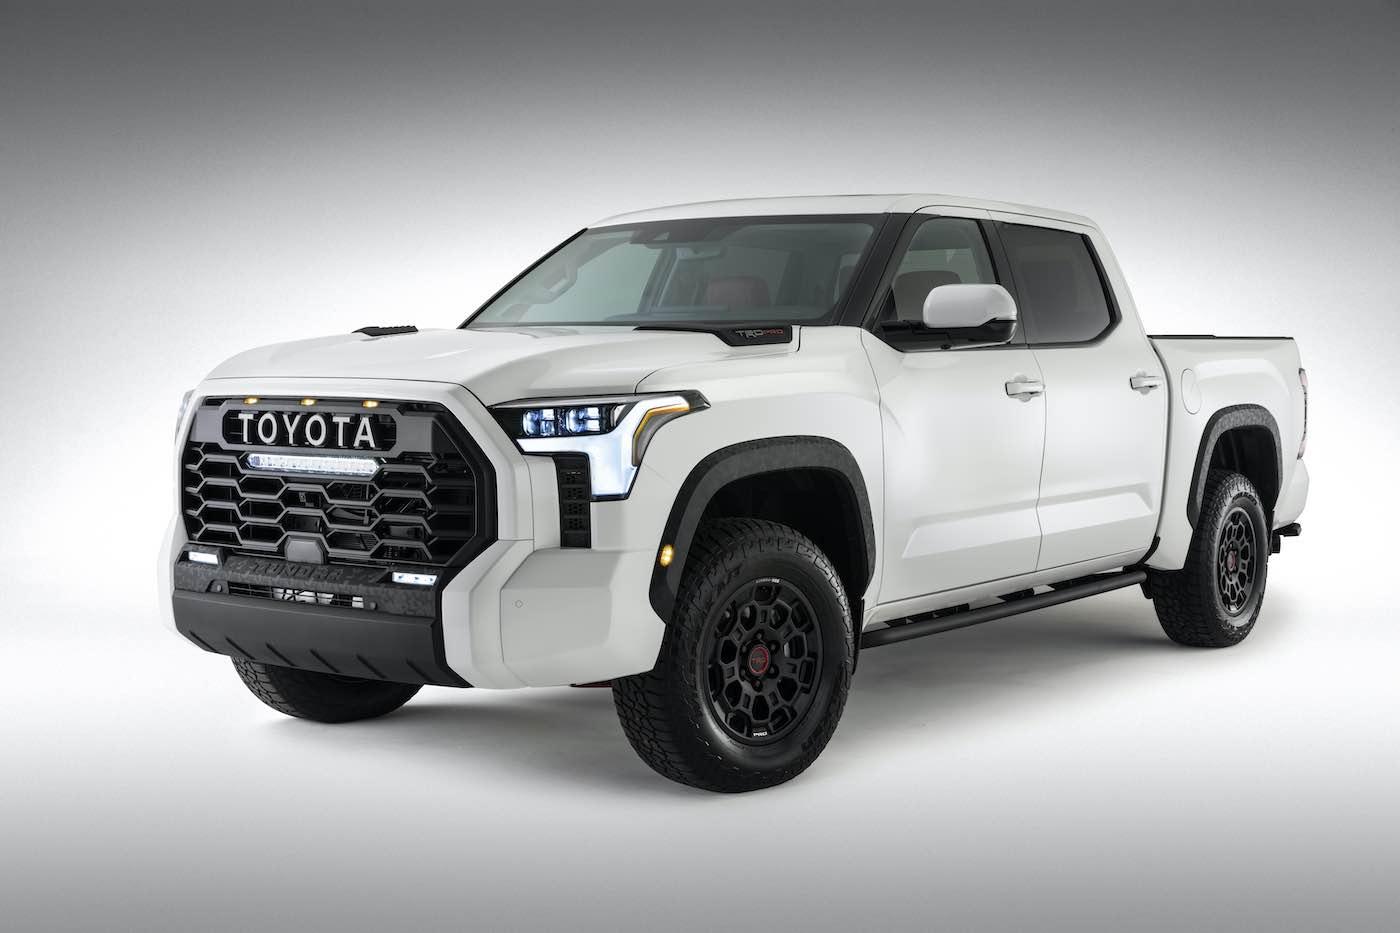 Una mirada a la Toyota Tundra 2022: Lo que sabemos hasta ahora